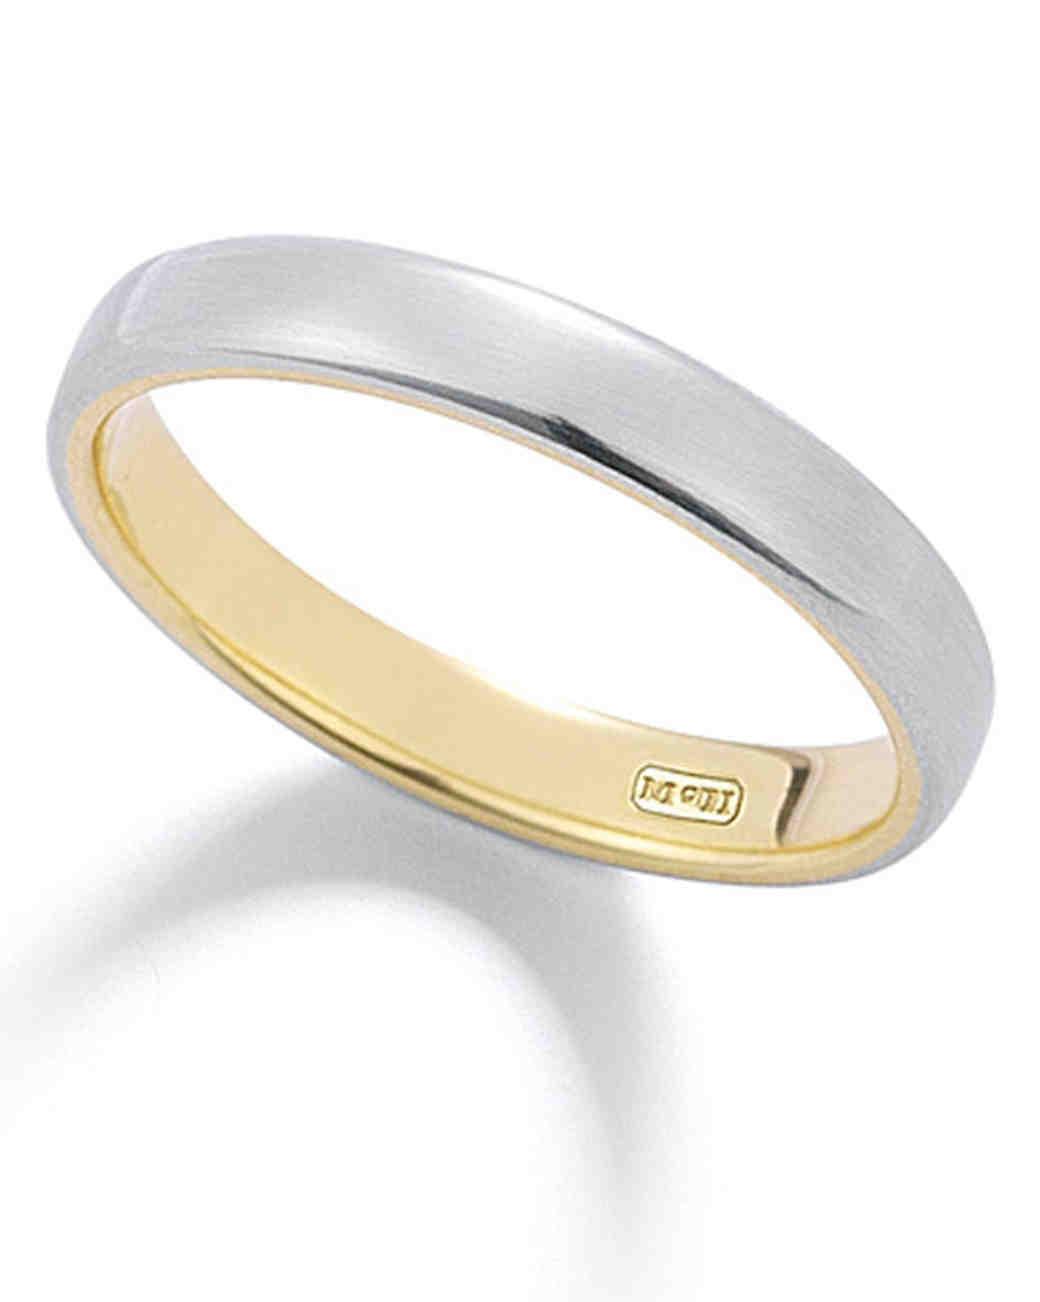 mcteige_mcclelland_8571_ring.jpg